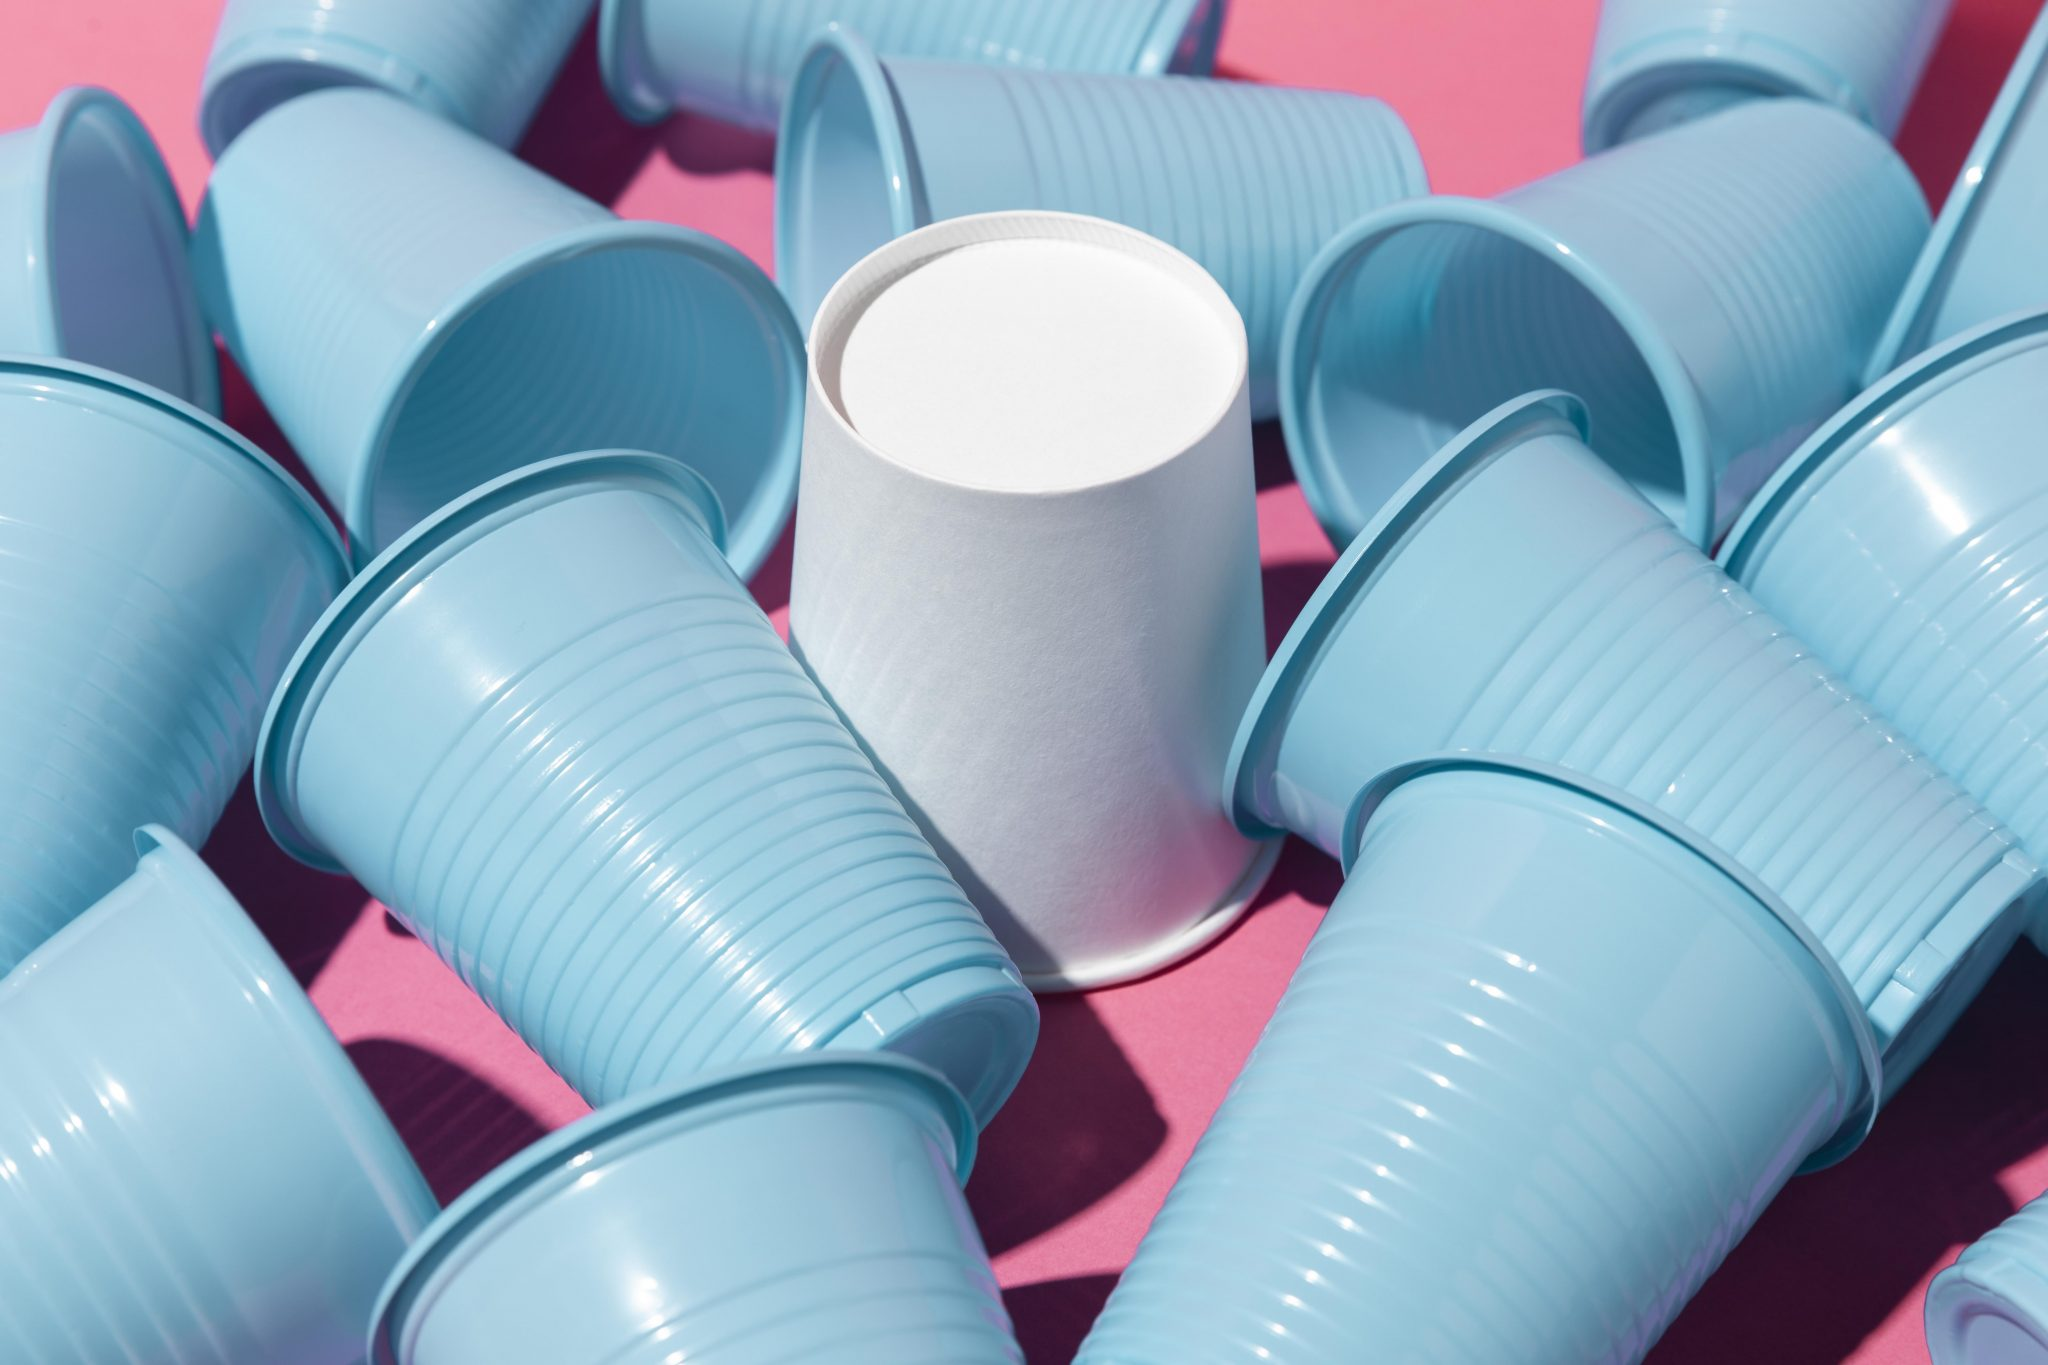 A Aspen Pharma está atuando ativamente em uma campanha para diminuir a quantidade de copos de plástico